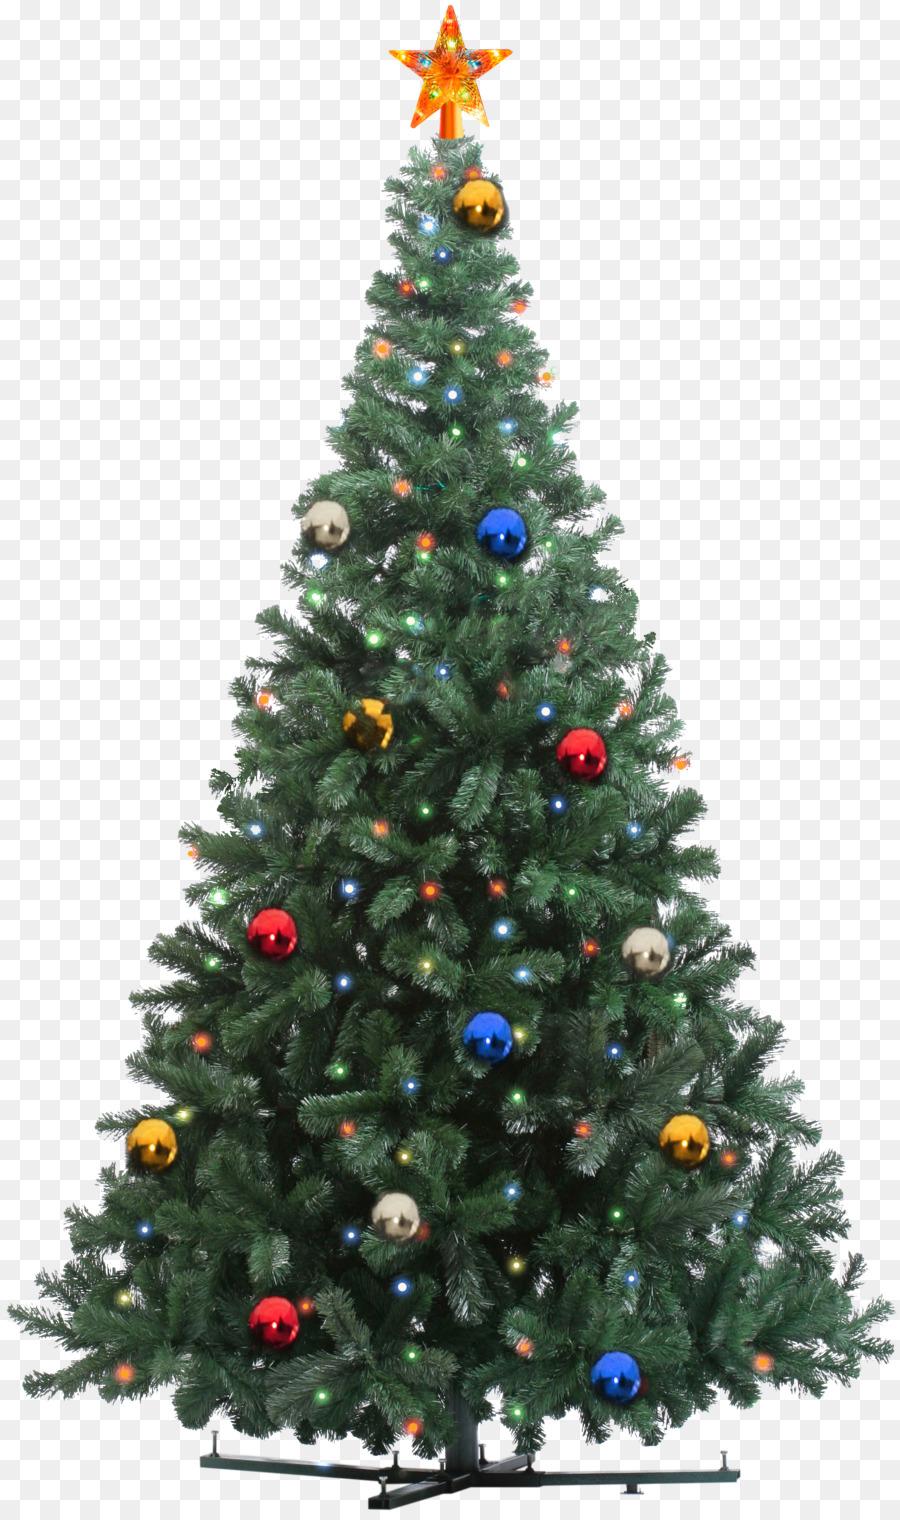 O Tannenbaum Download Kostenlos.Künstlicher Weihnachtsbaum Fichte Tannenbaum Christmas Ornament